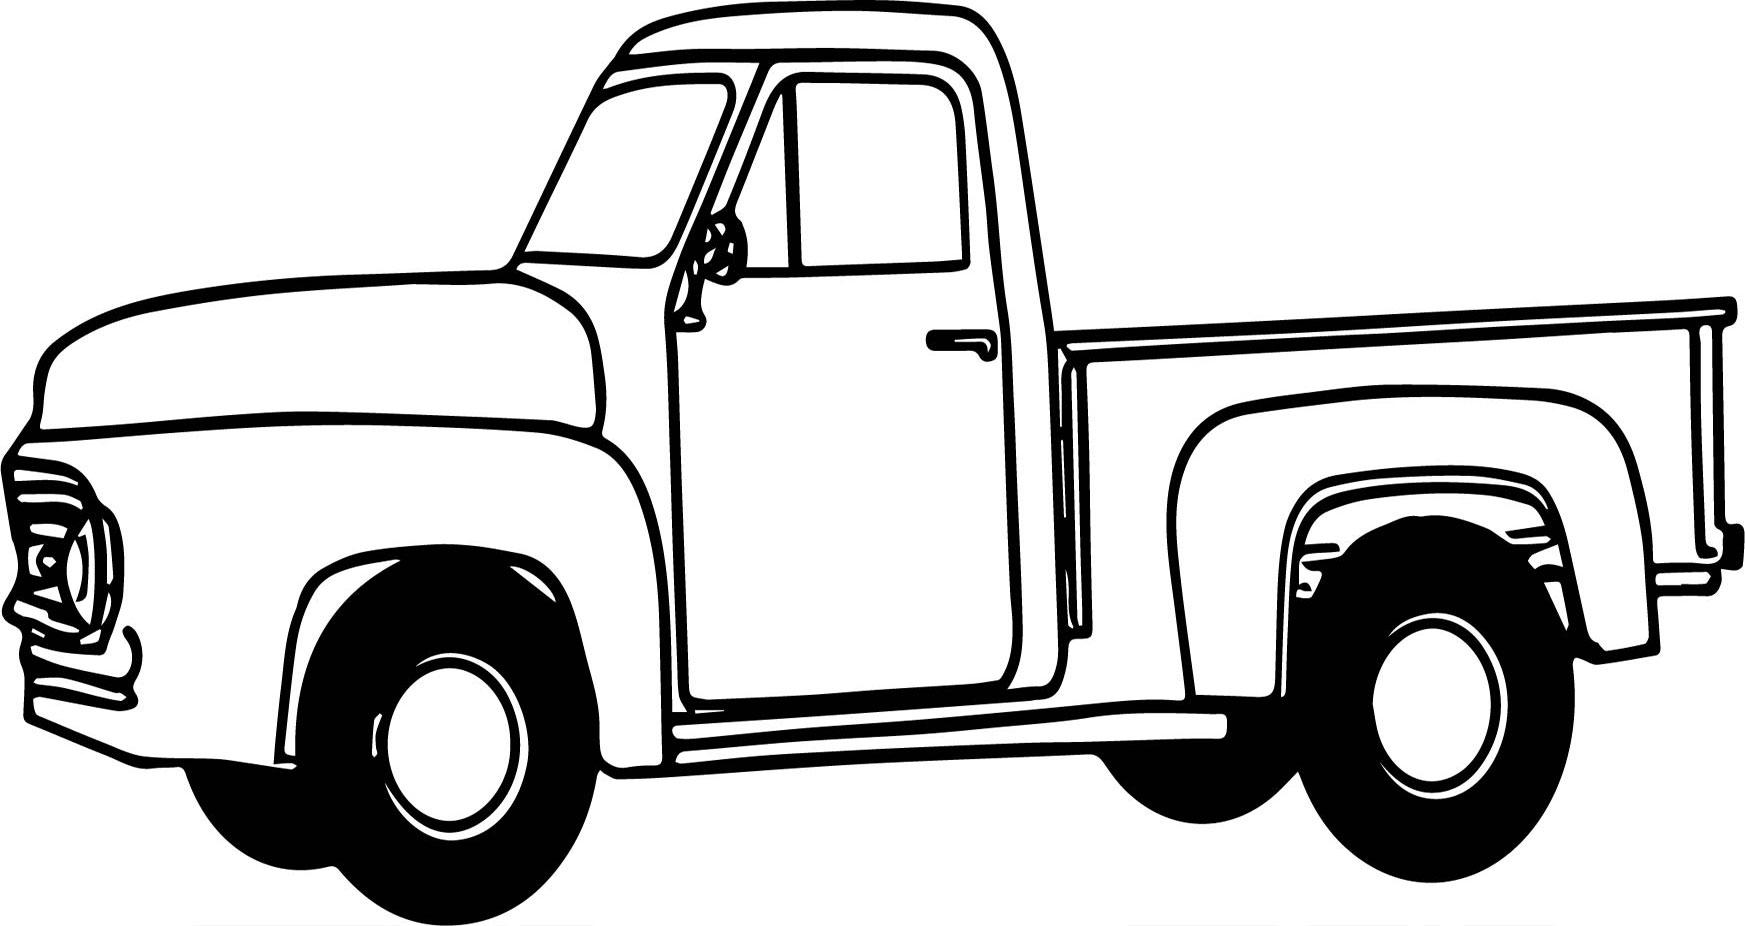 Gambar Mewarnai Kendaraan Untuk Anak Tk Dan Sd Marimewarnaicom